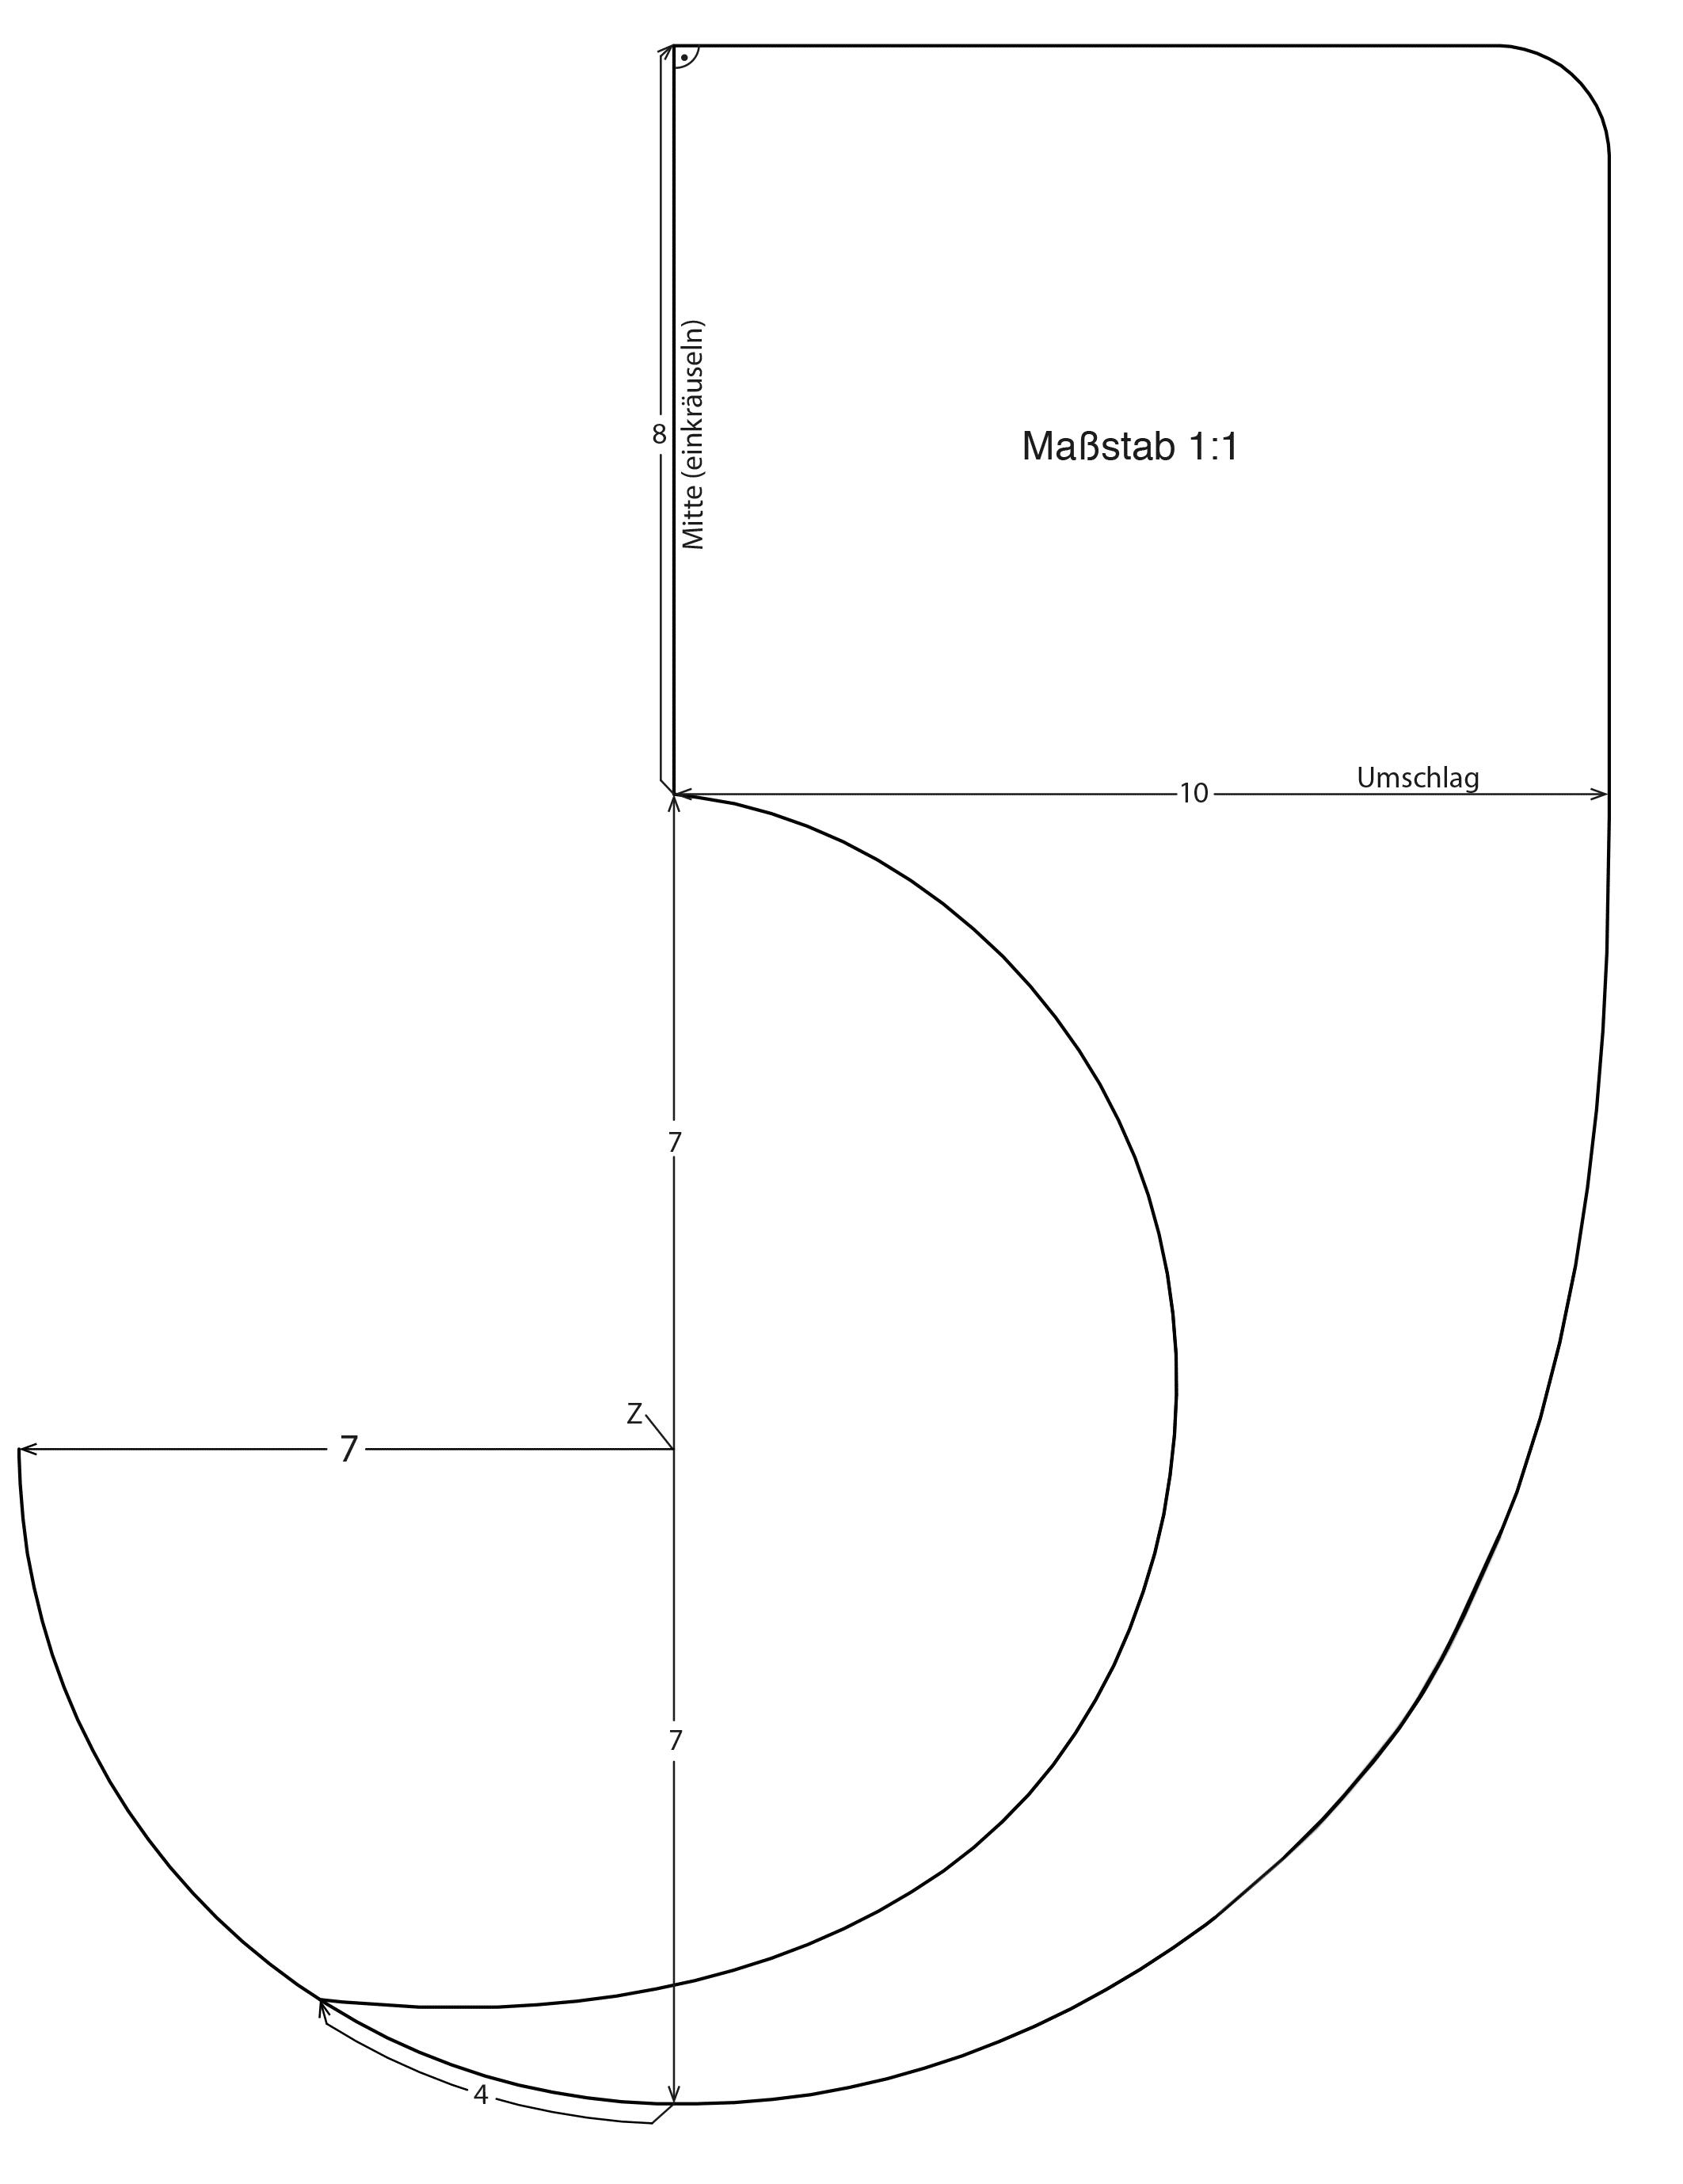 Schnittkonstruktion einer Schleife in Form eines Kreises